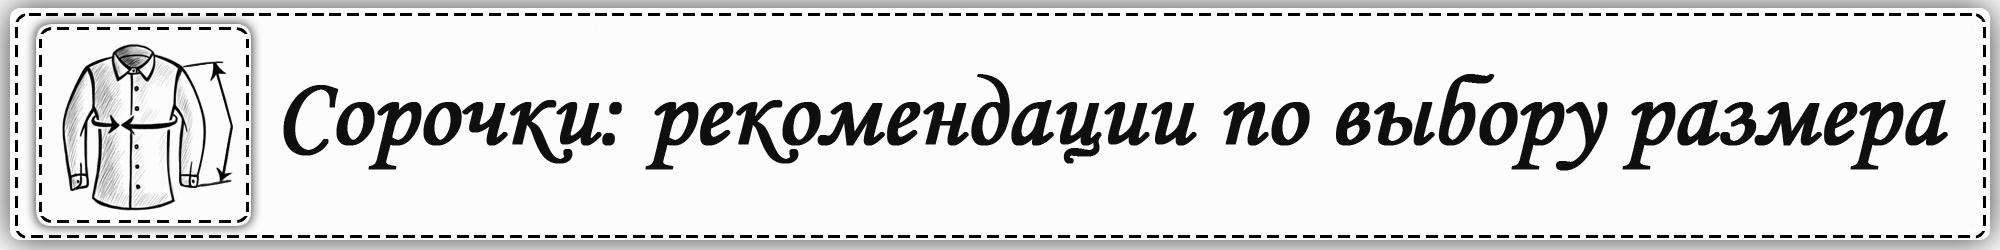 primerka_sorochki.jpg